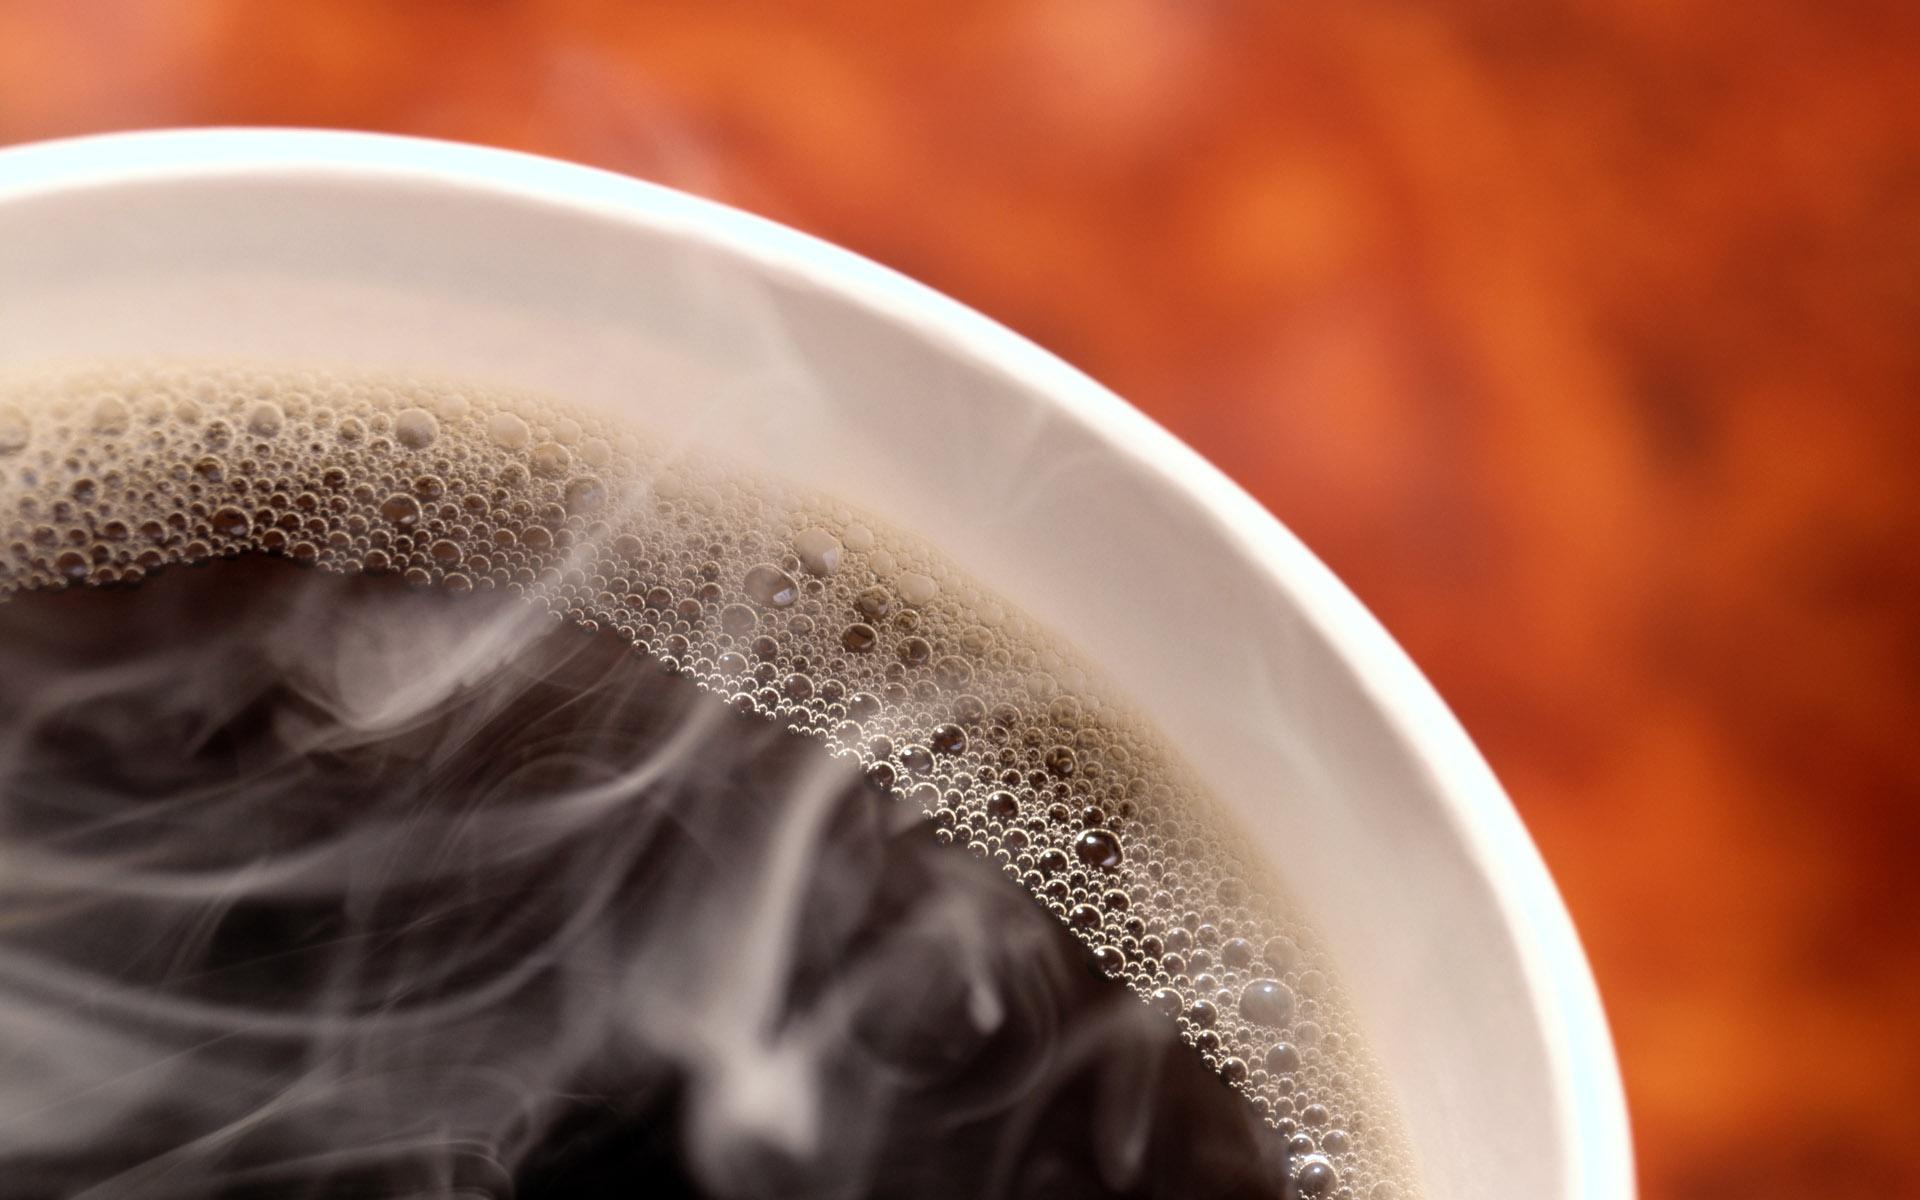 Tải ảnh ly cà phê đẹp nhất